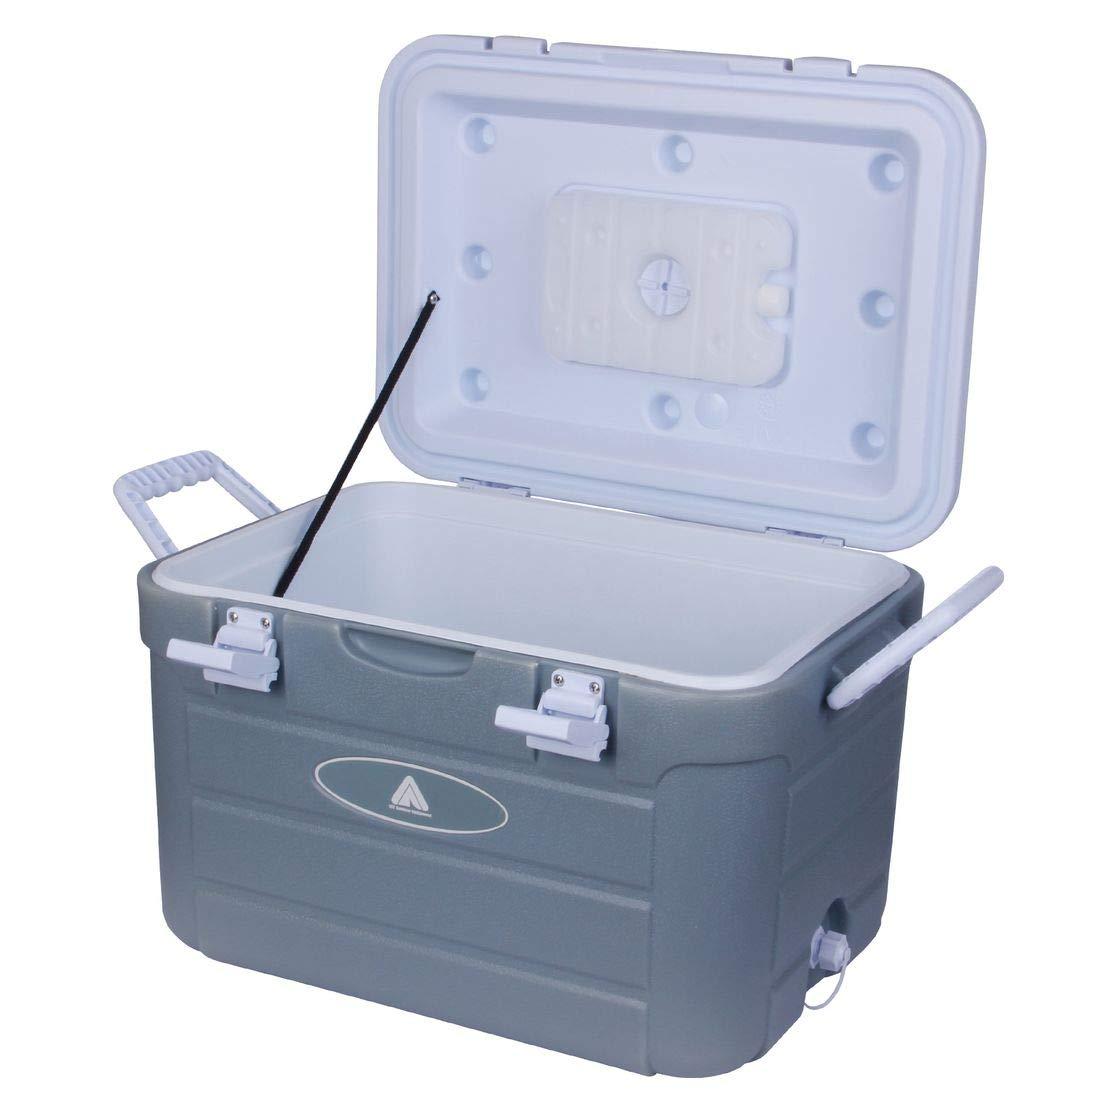 10T Kühlbox Fridgo Arona 30 L passive Thermobox PU Kühlbehälter Isolierbox warm & kalt B07PFV13XH Kühltaschen & -boxen